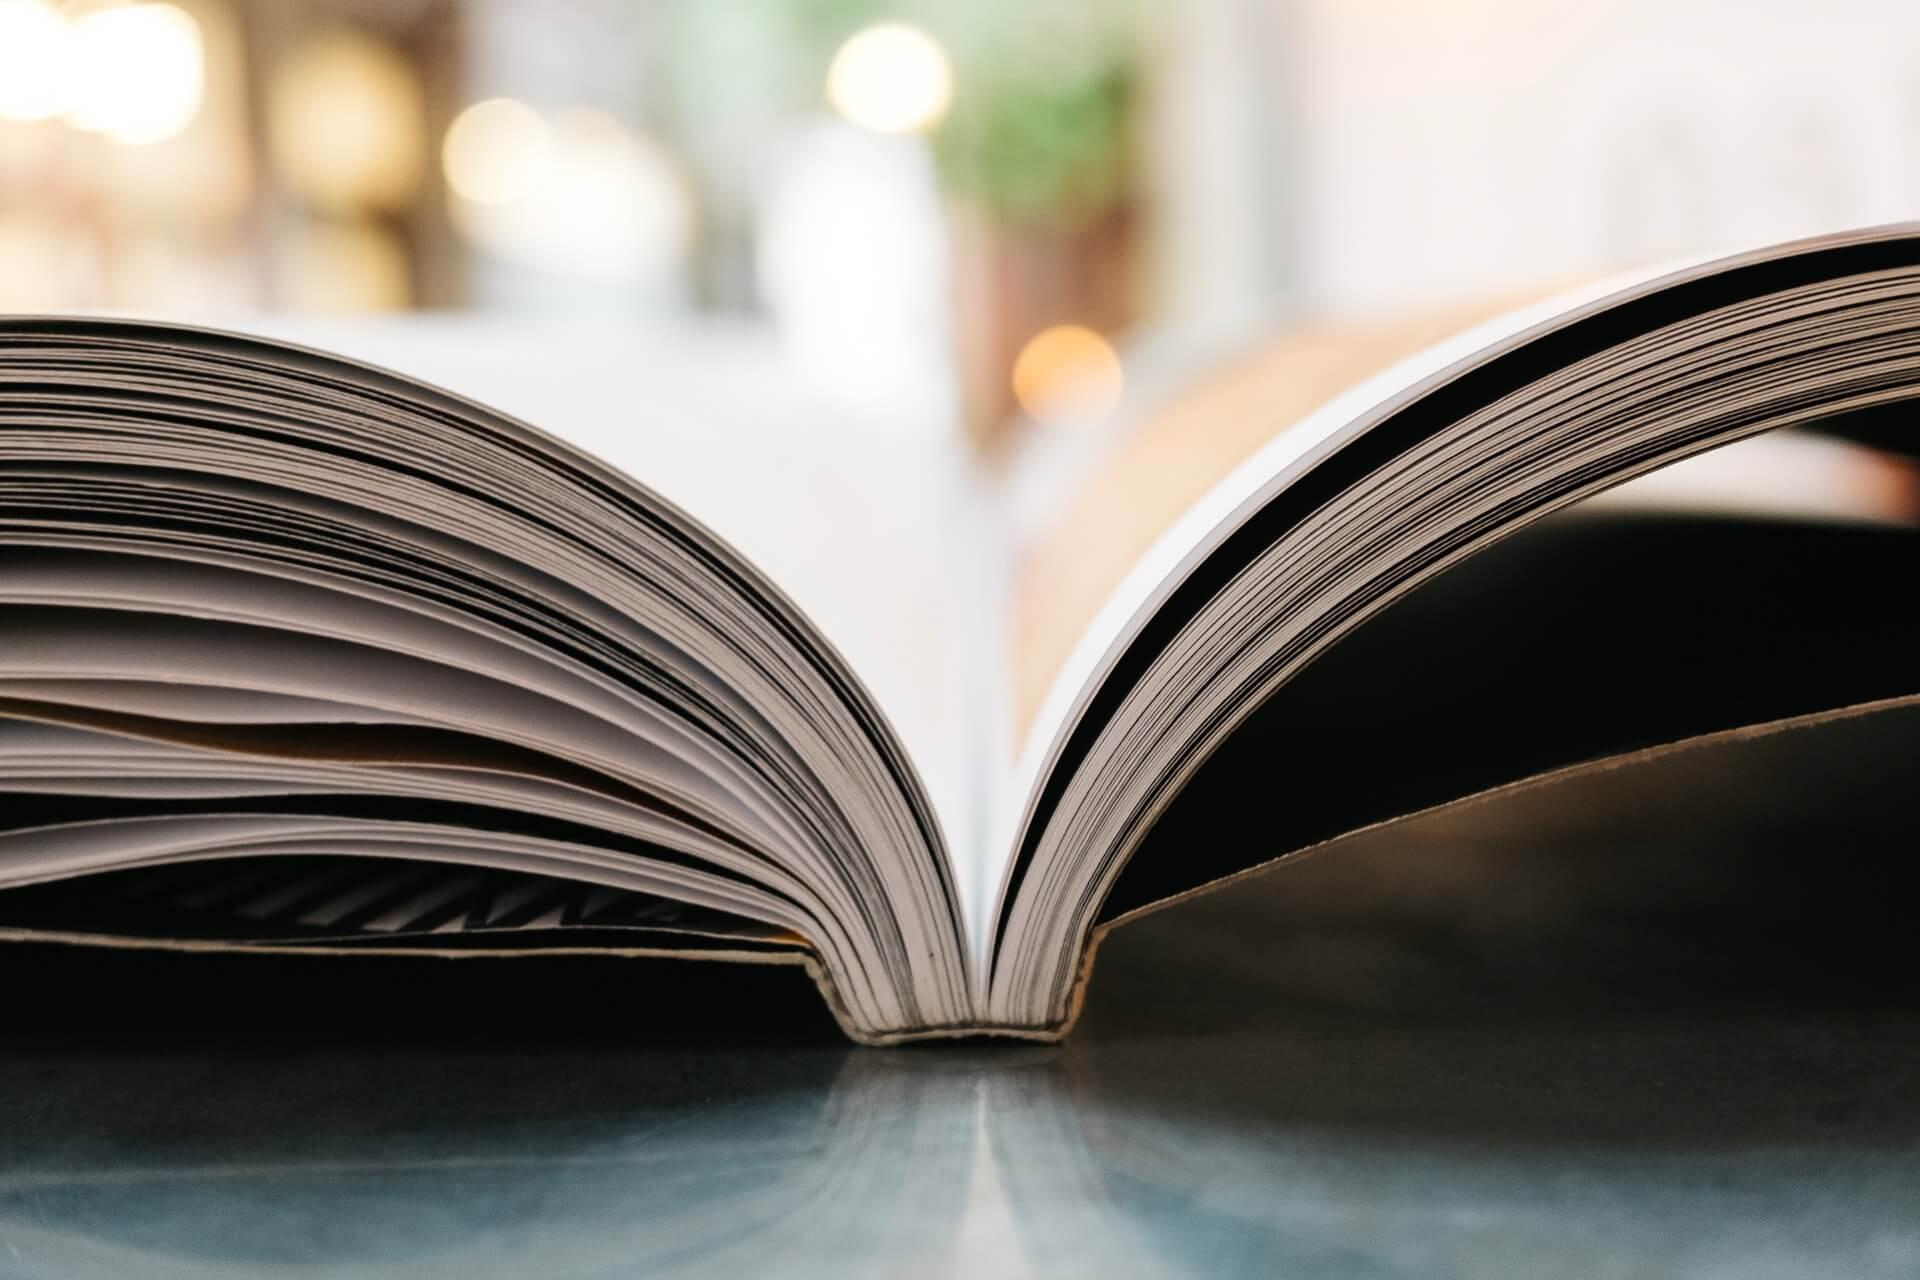 【適応障害に悩んだら】まず1番に読んで欲しい!気持ちを軽くする本